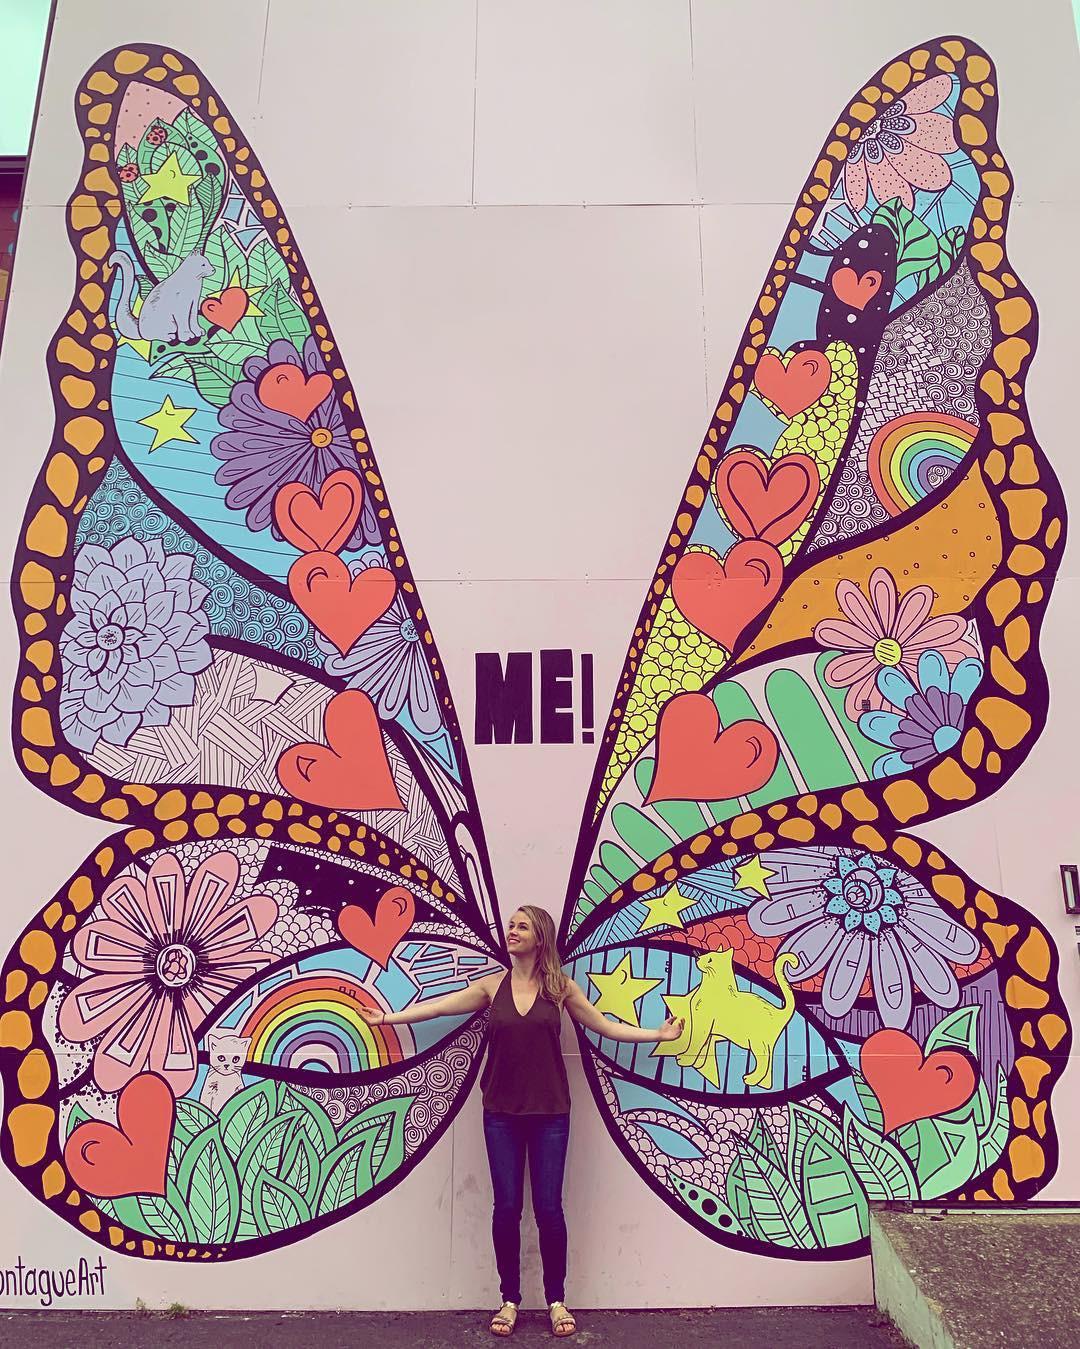 Không chỉ ra MV mới, Taylor Swift còn tặng fan hẳn một bức tường hoạ bướm khổng lồ cực đẹp để tha hồ check-in - Ảnh 11.